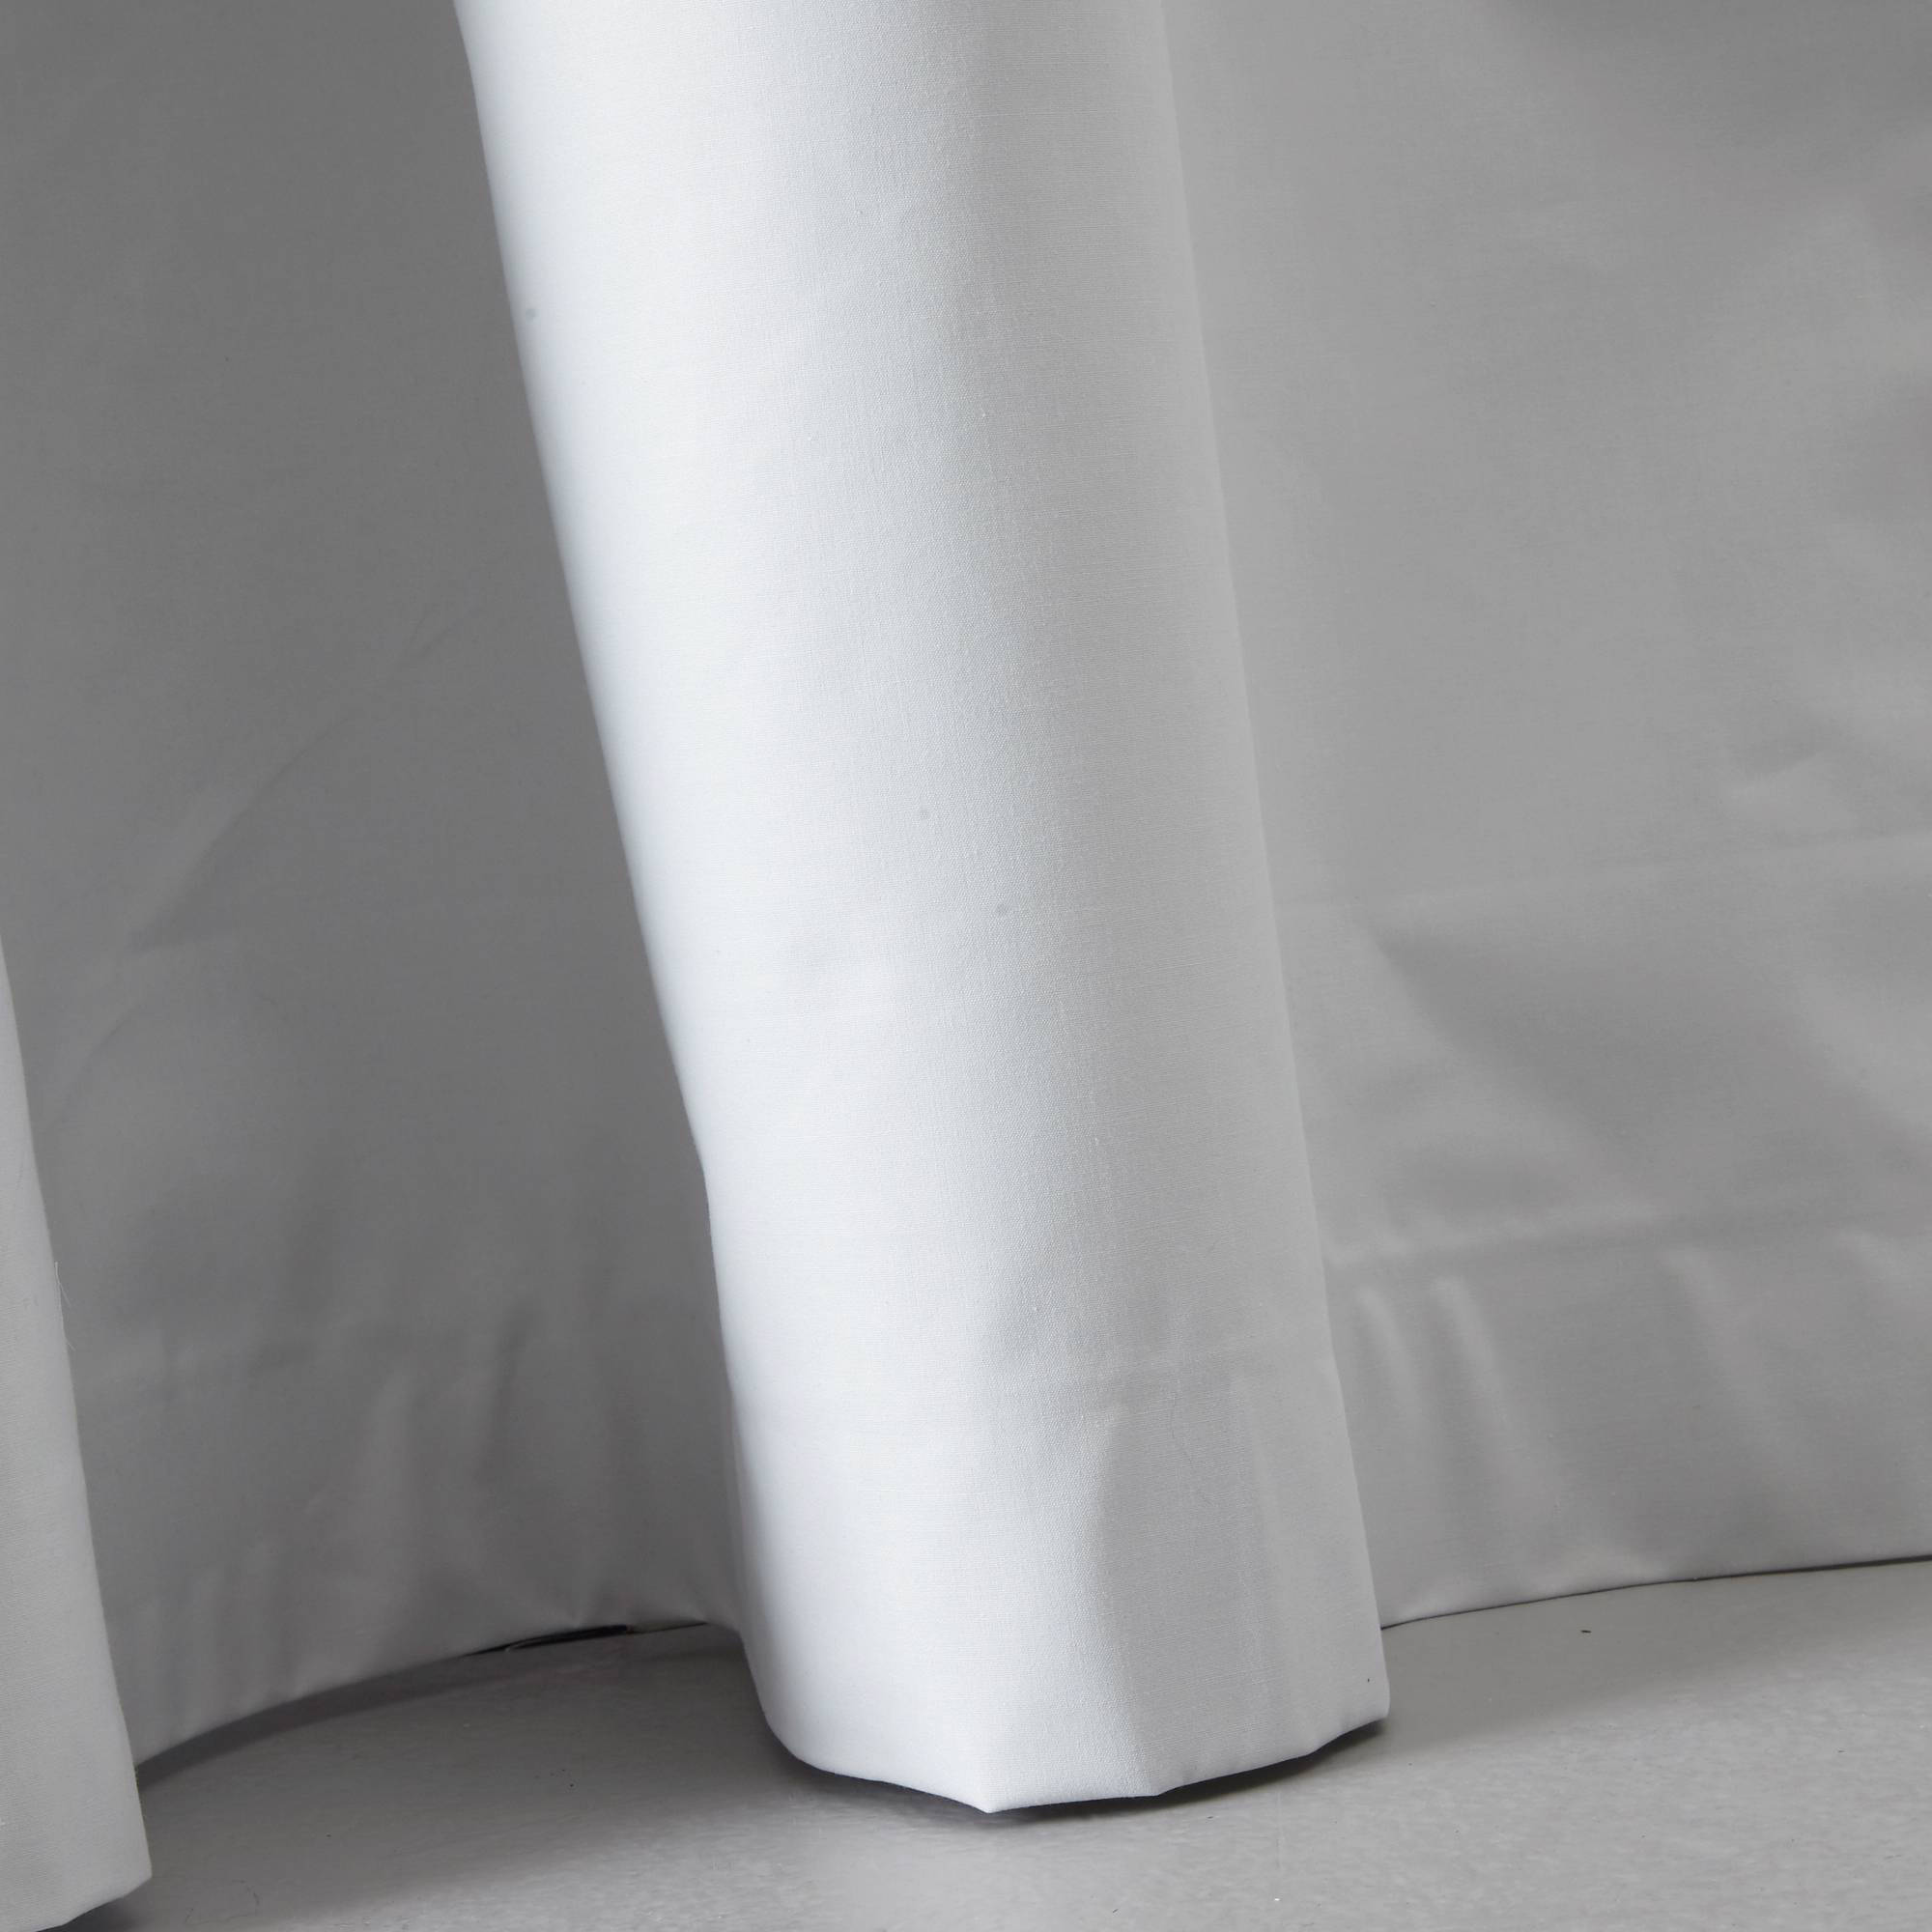 Huis Meubelen 2019 » wit verduisterend gordijn | Huis Meubelen